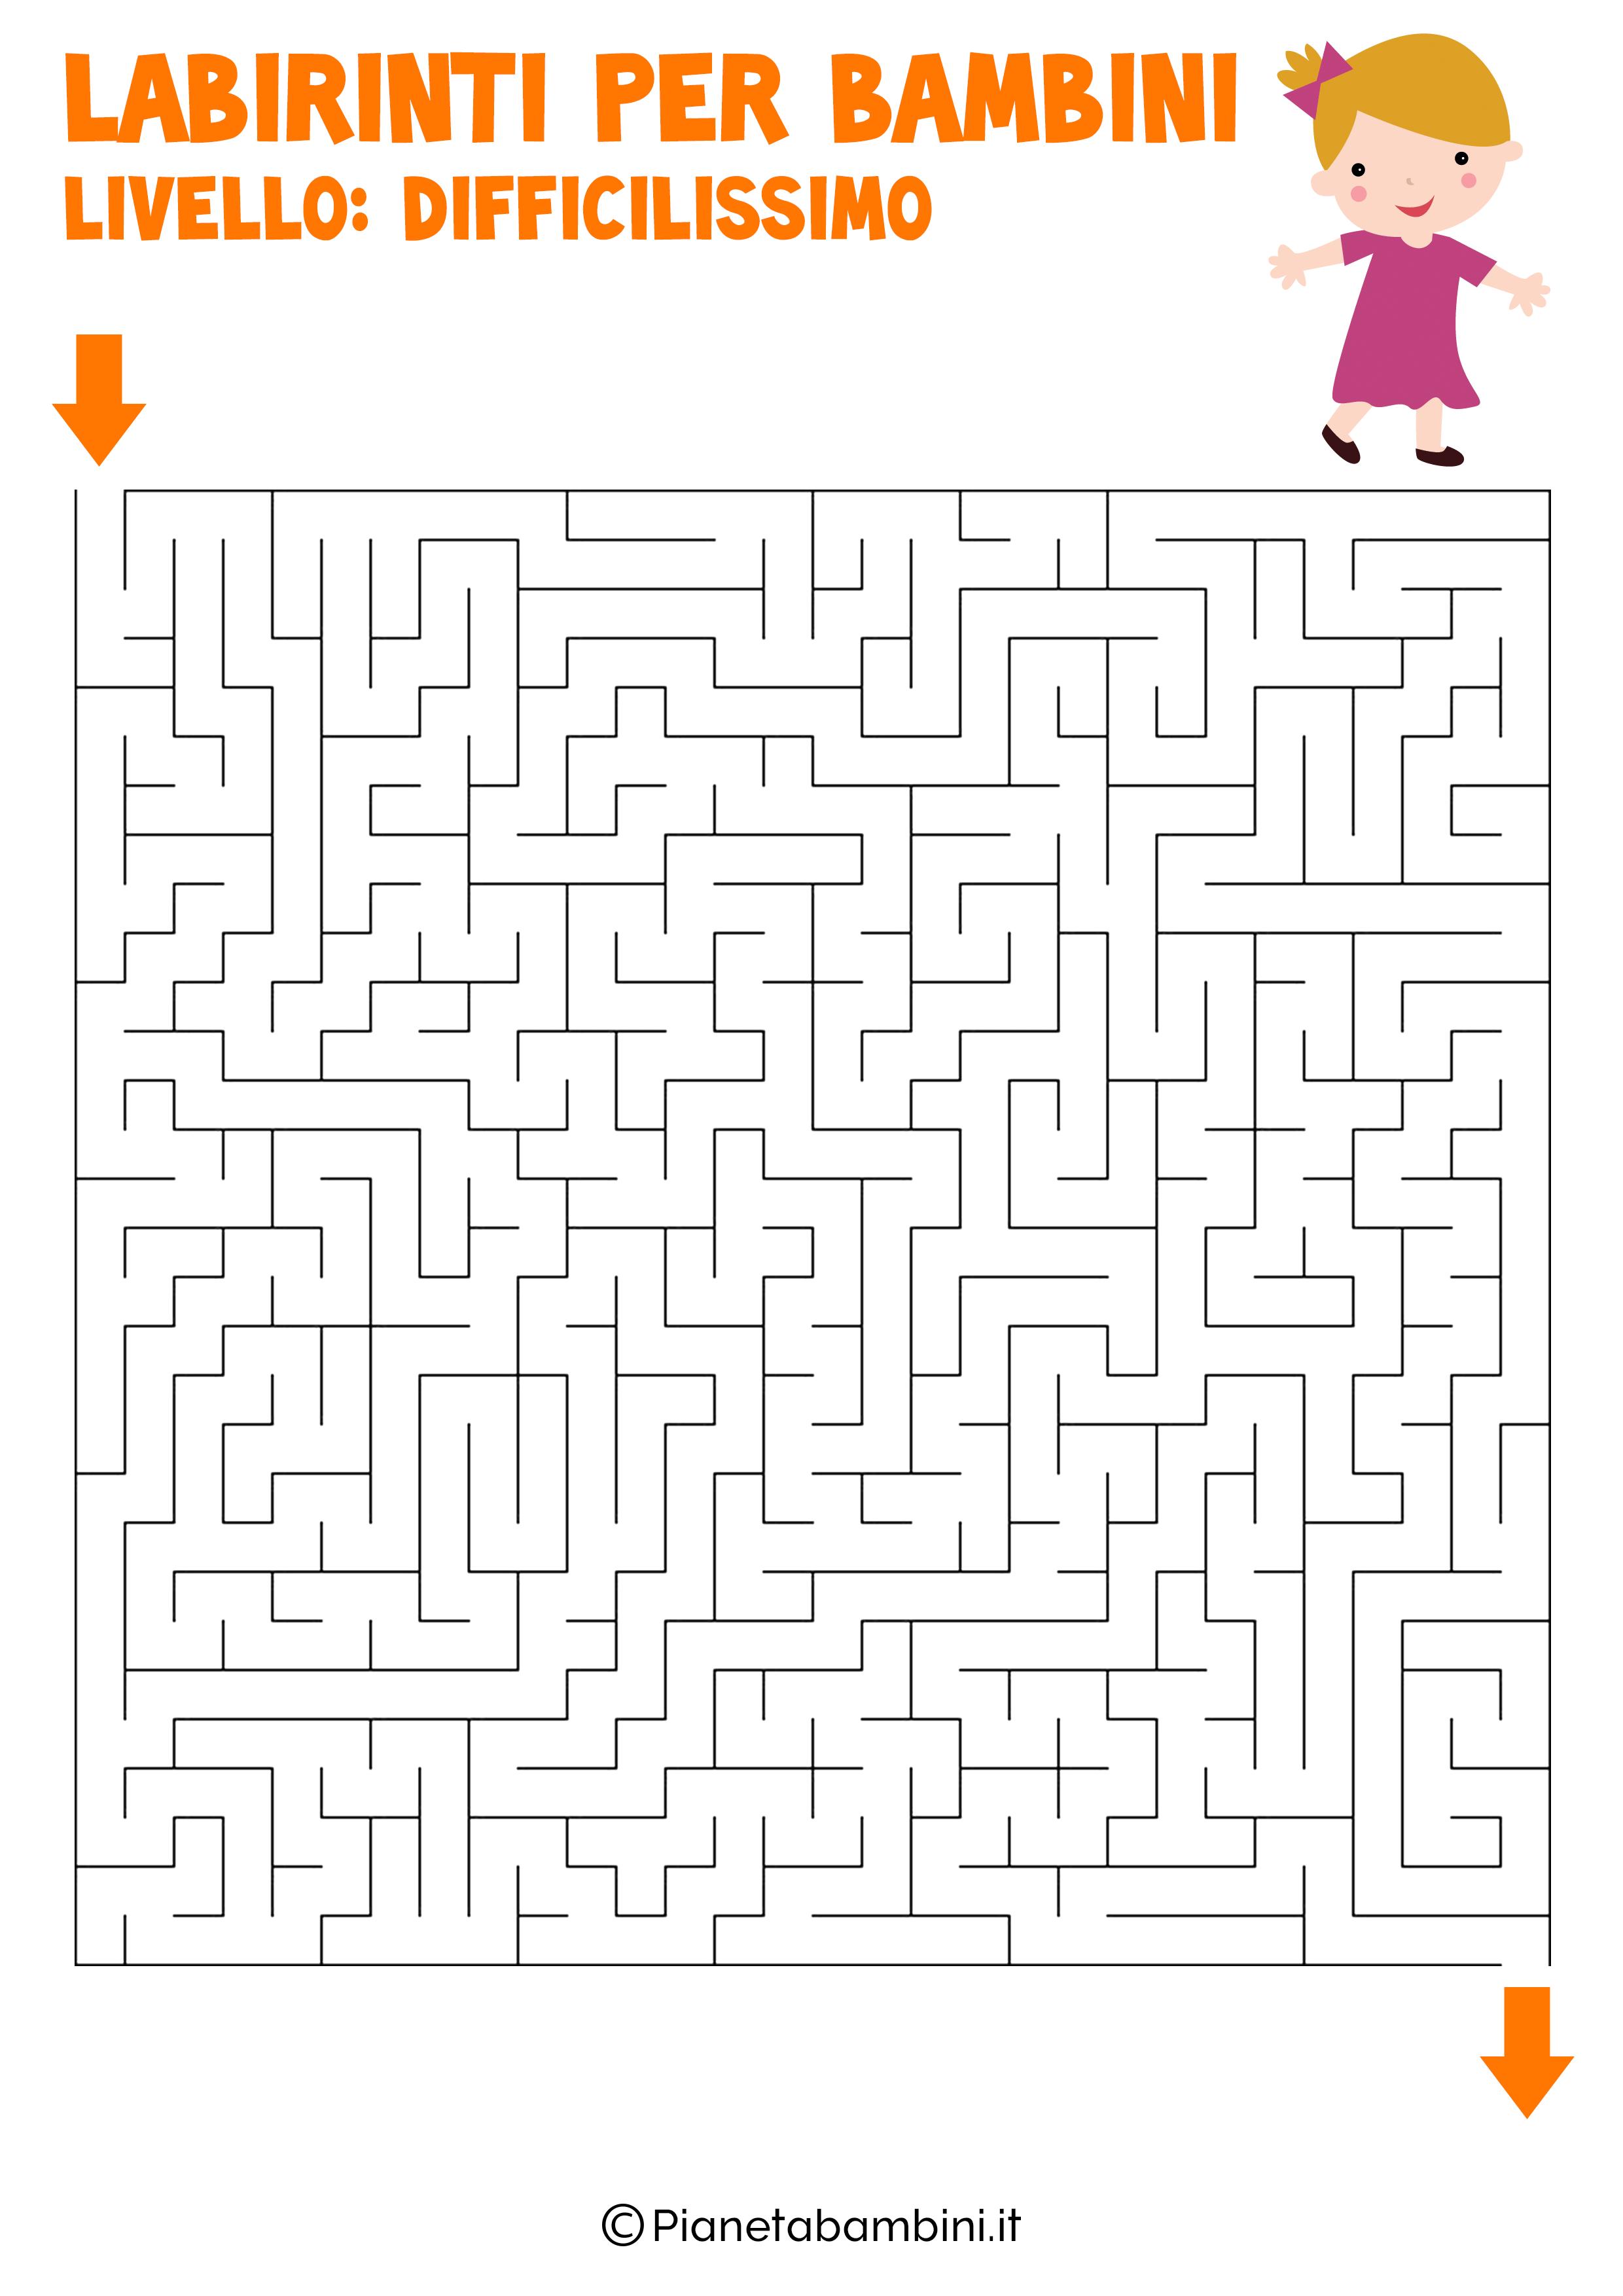 Labirinti-Difficilissimi-Bambini-12